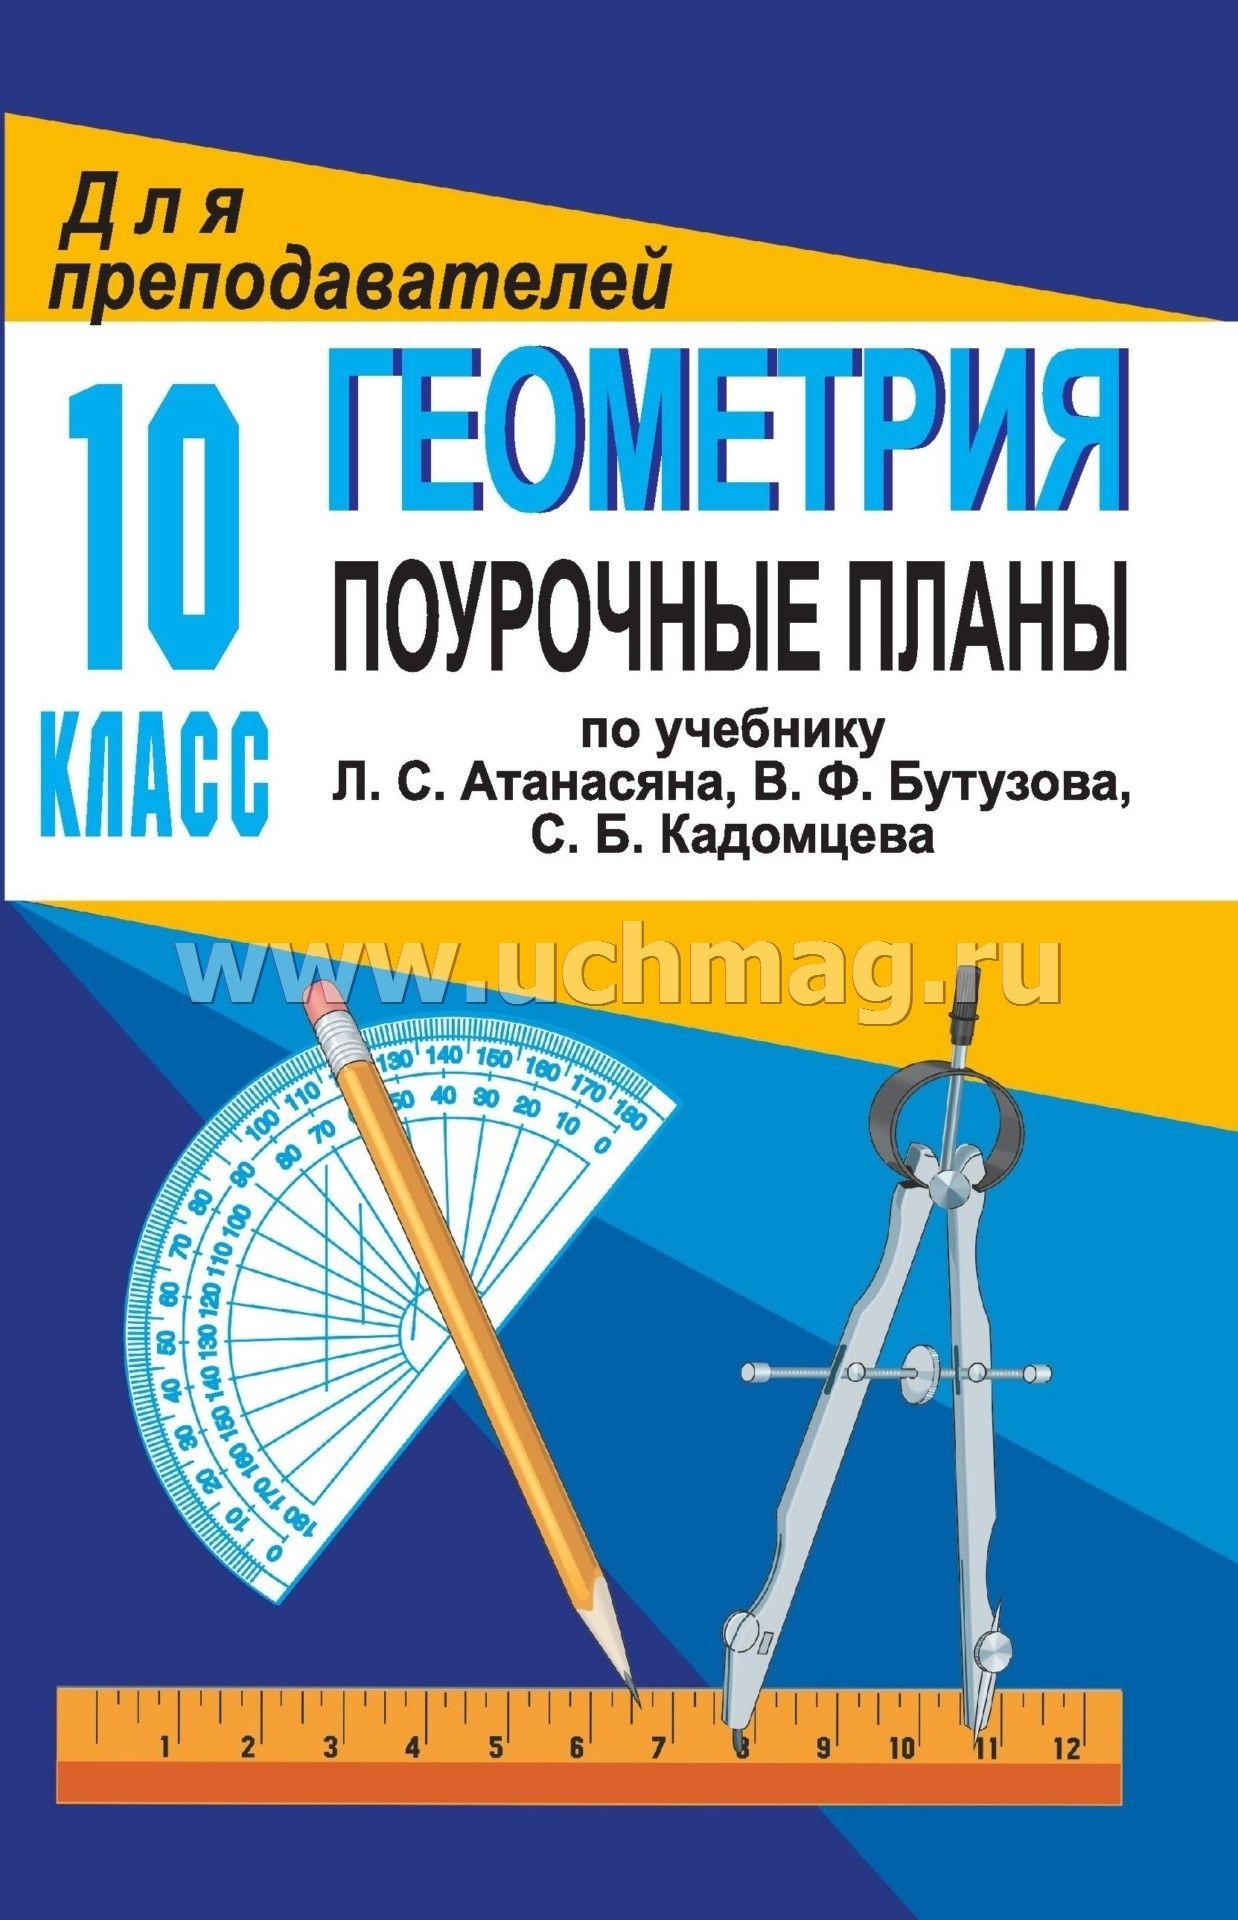 Решебник по изучении геометрии с.м саакян в.ф бутузов